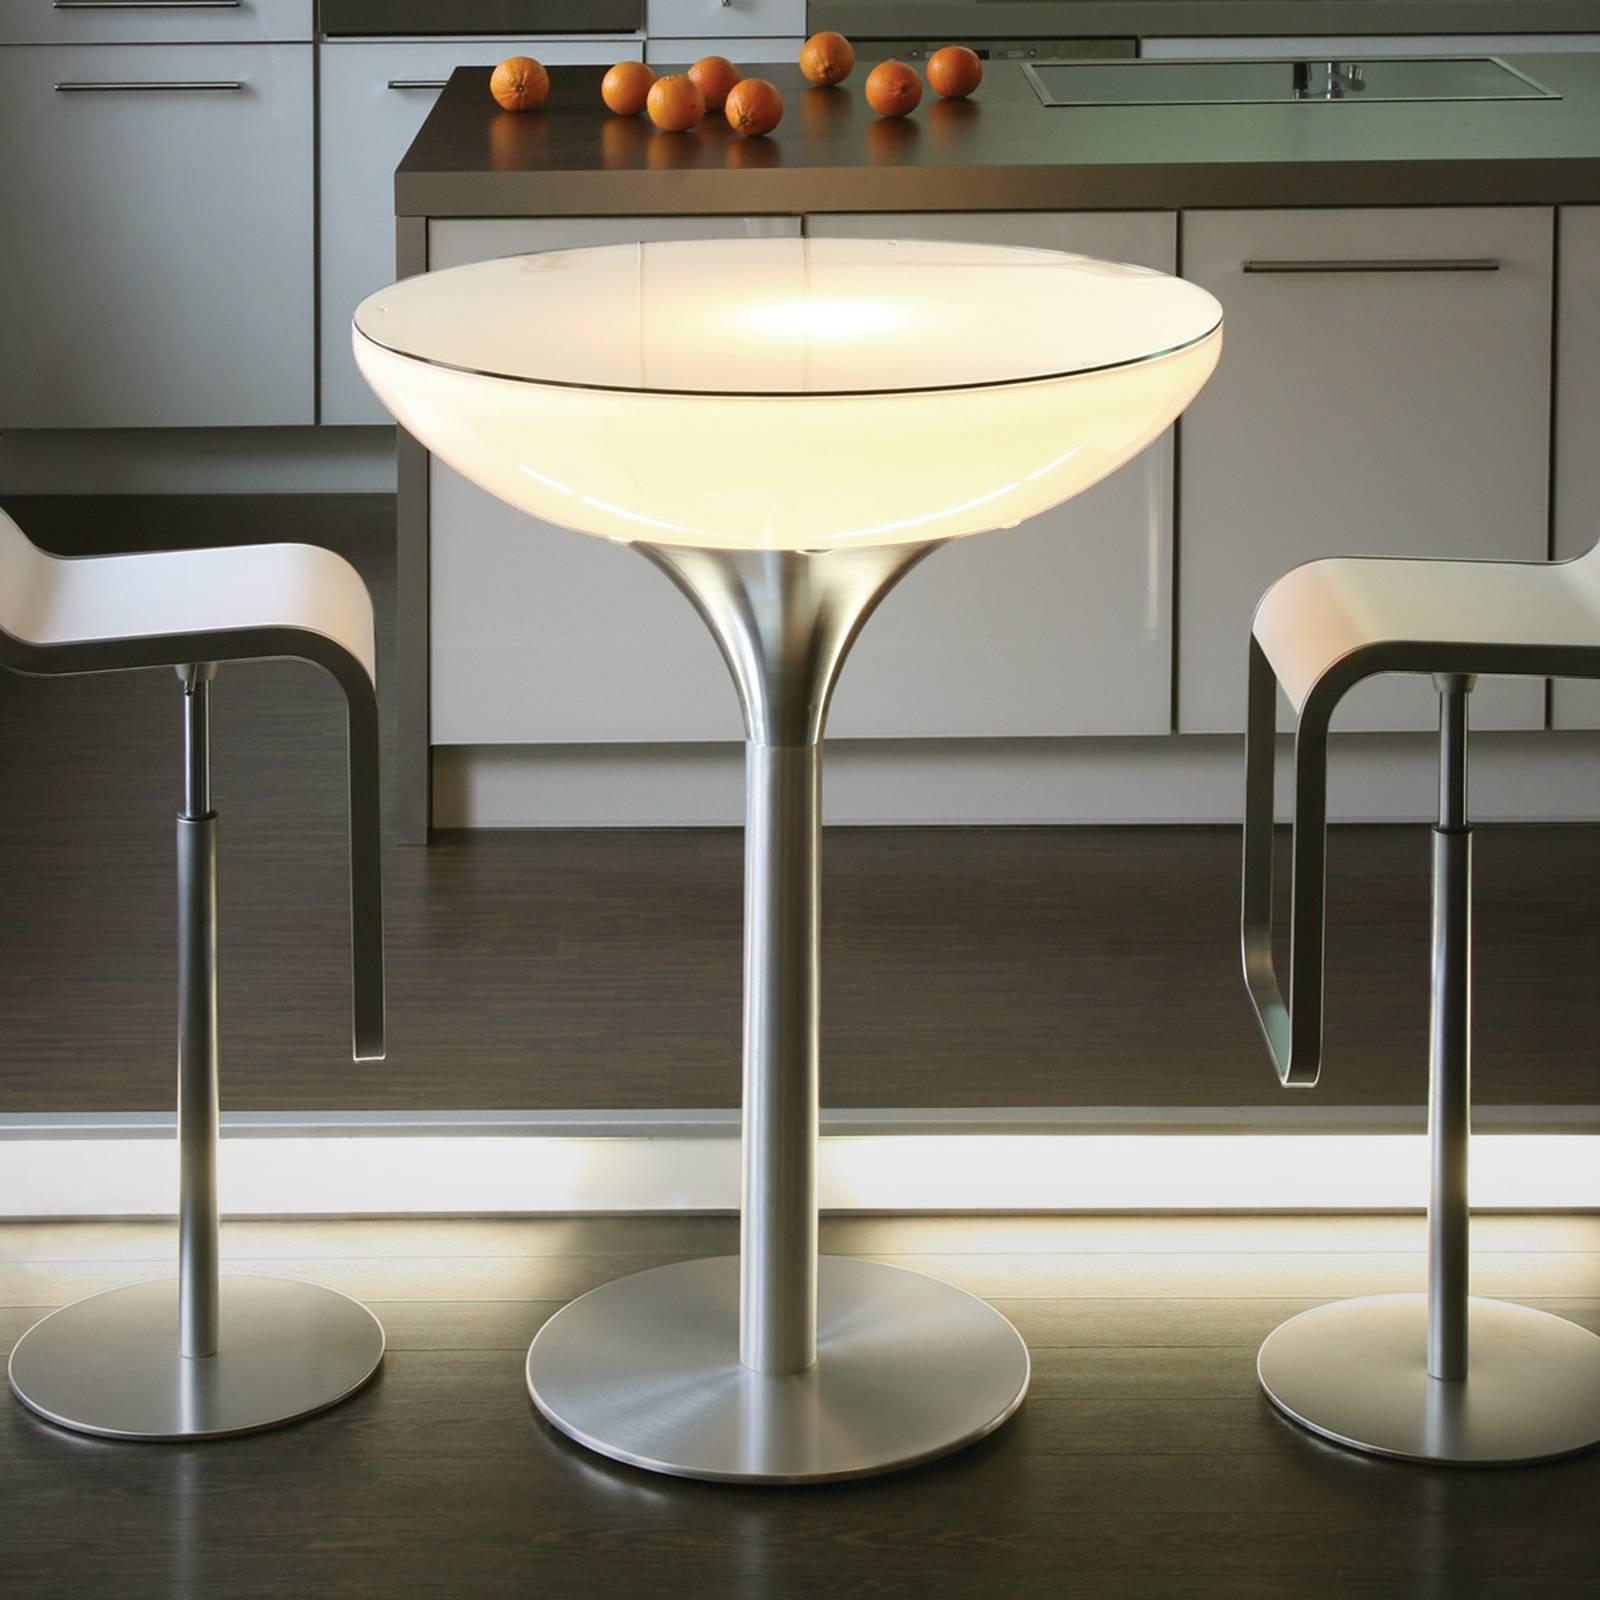 Valopöytä Lounge Table Indoor, 105 cm